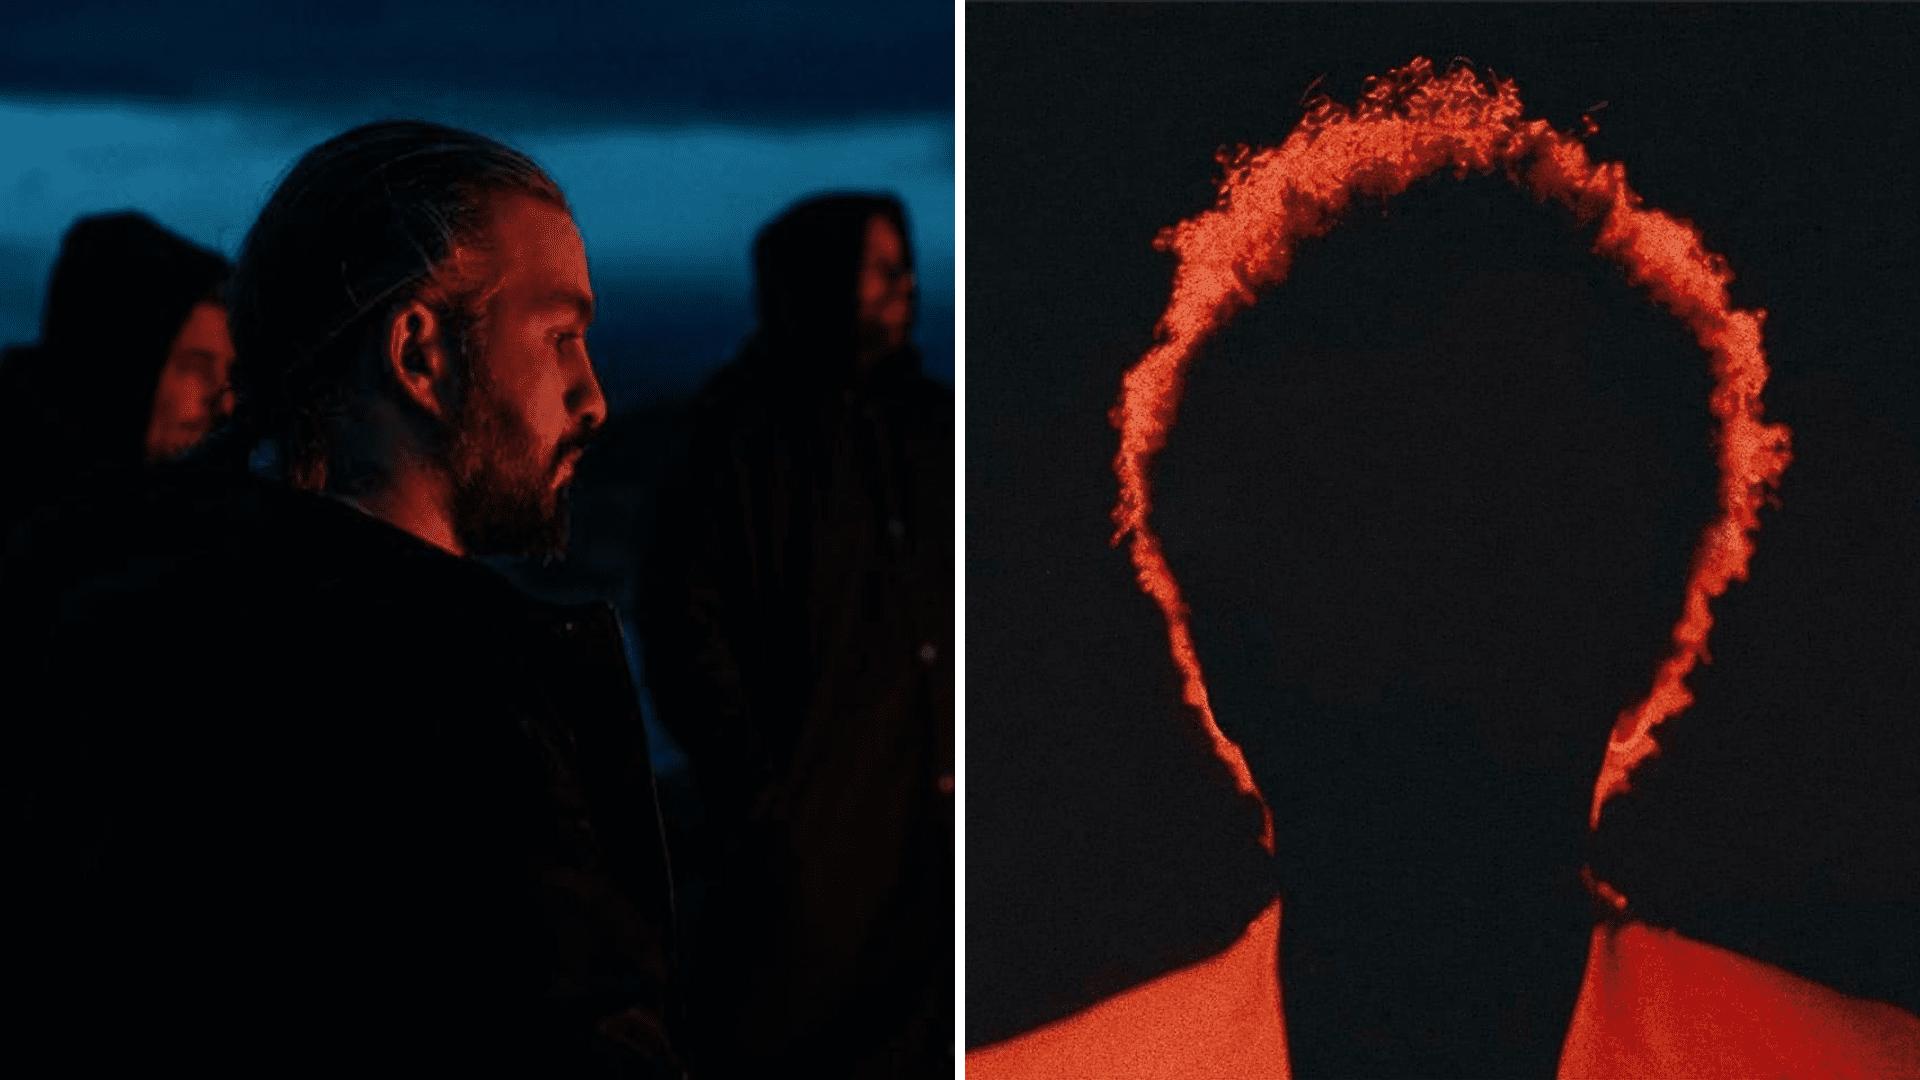 Swedish House Mafia, The Weeknd